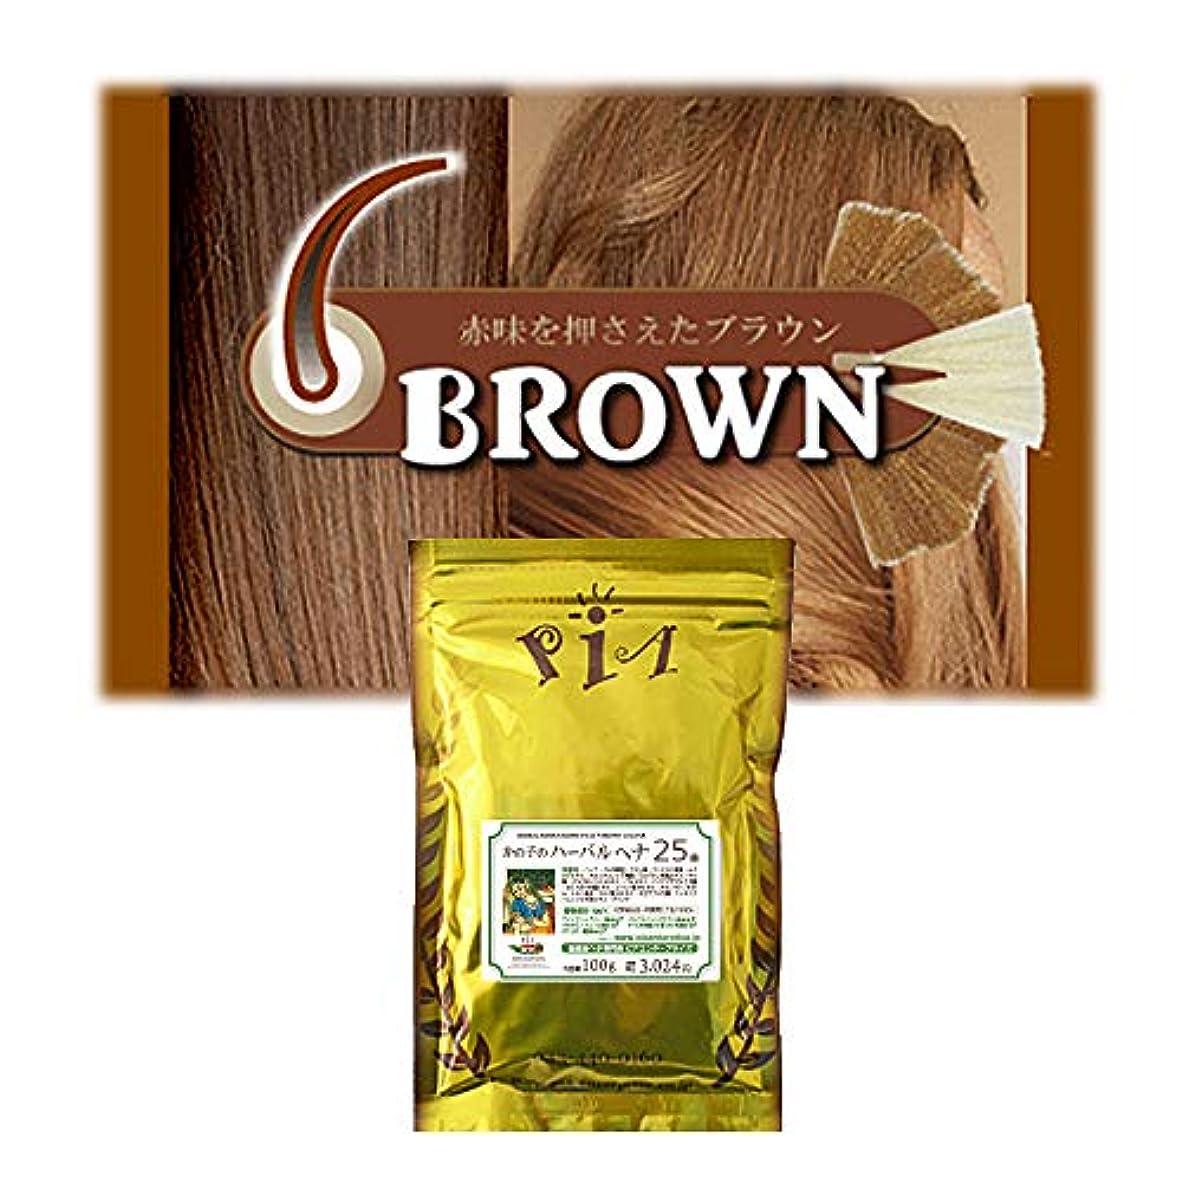 ドループサーキットに行くナインへ【ヘナ】 かの子のハーバルヘナ25番 (色:ブラウン Brown )単品 ハケブラシはついておりません。